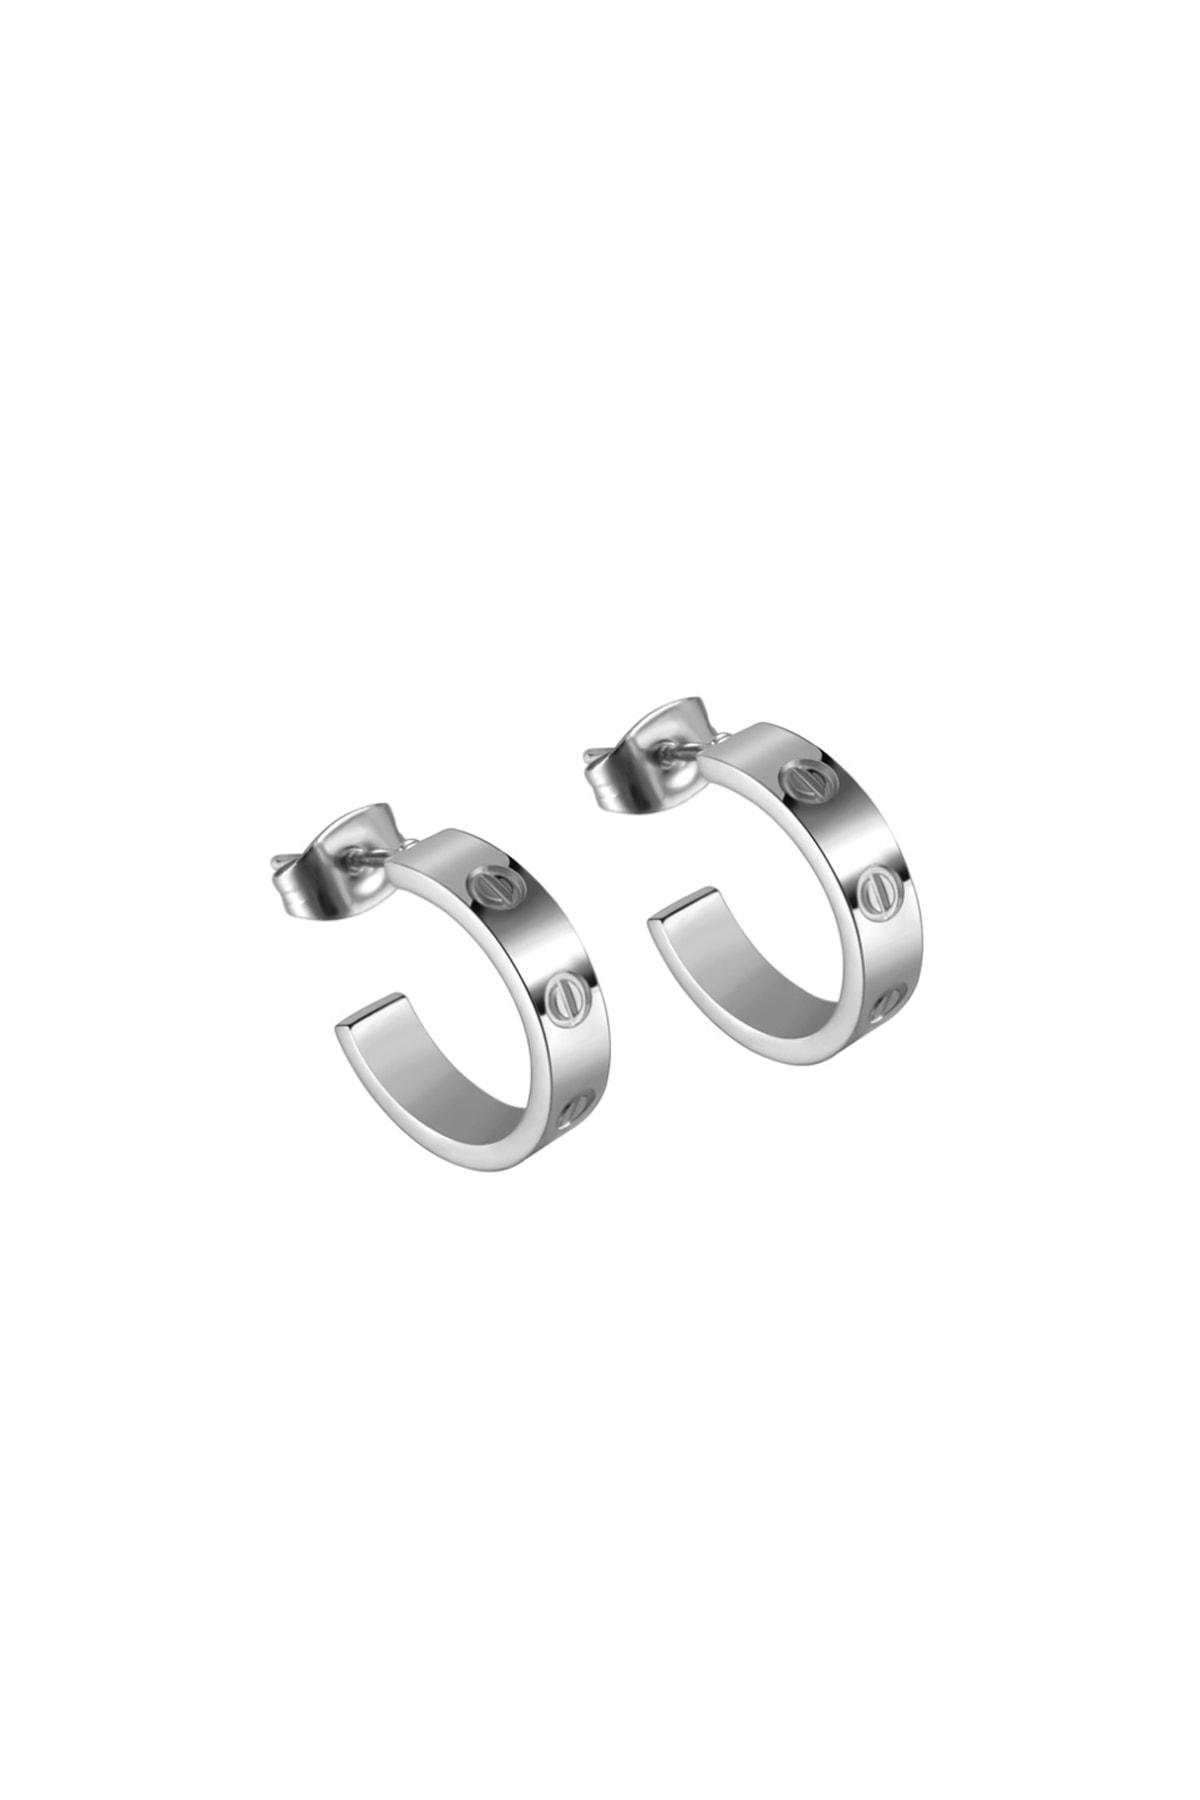 Chavin Vidalı Tasarım Bayan Çelik Küpe Eh81 1